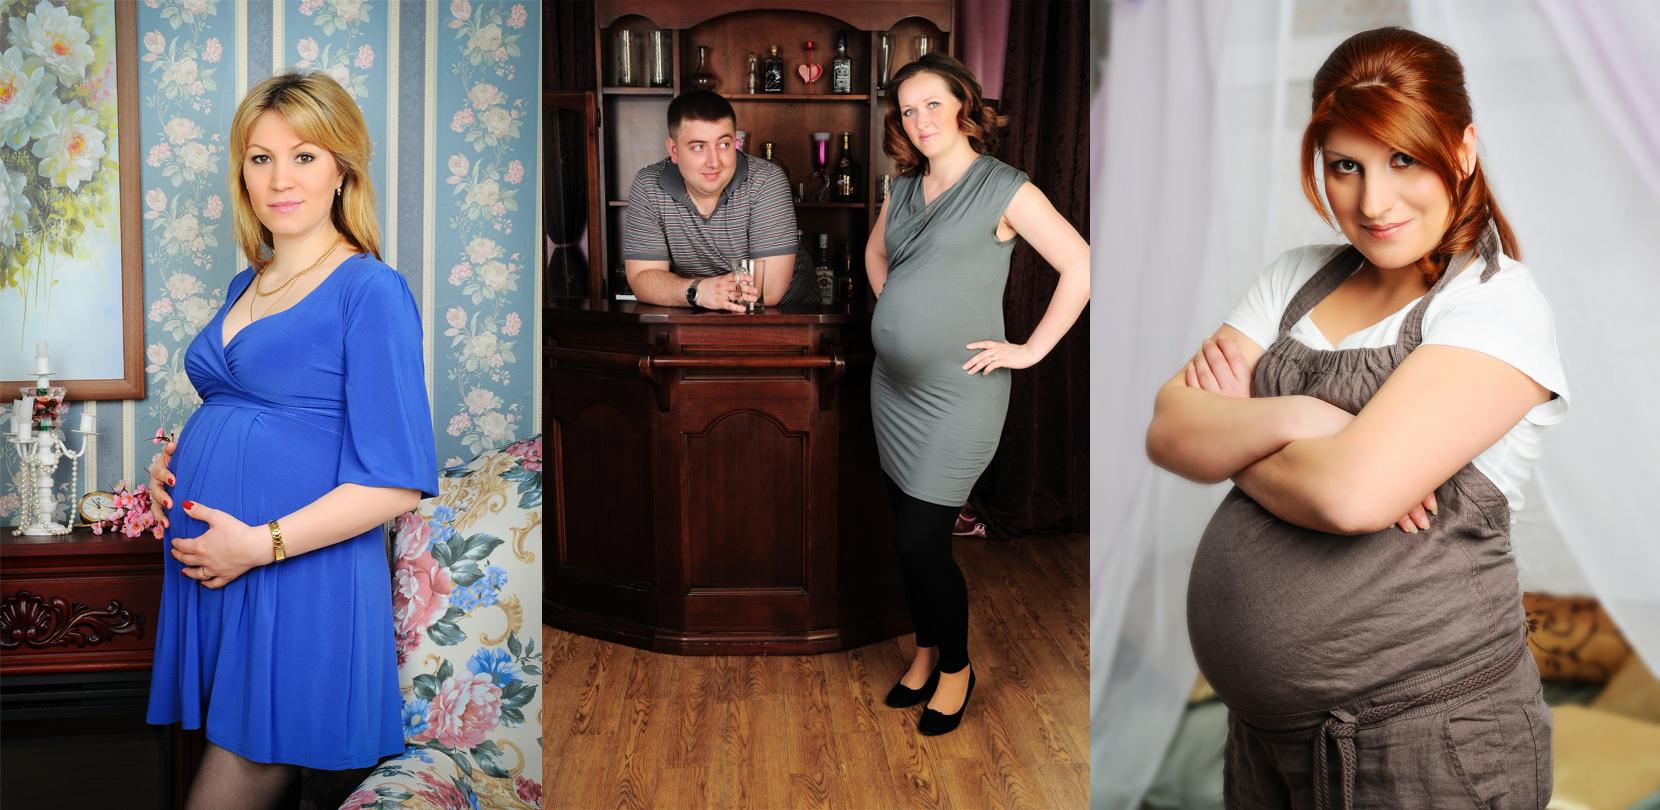 Секс беременность позы 18 фотография